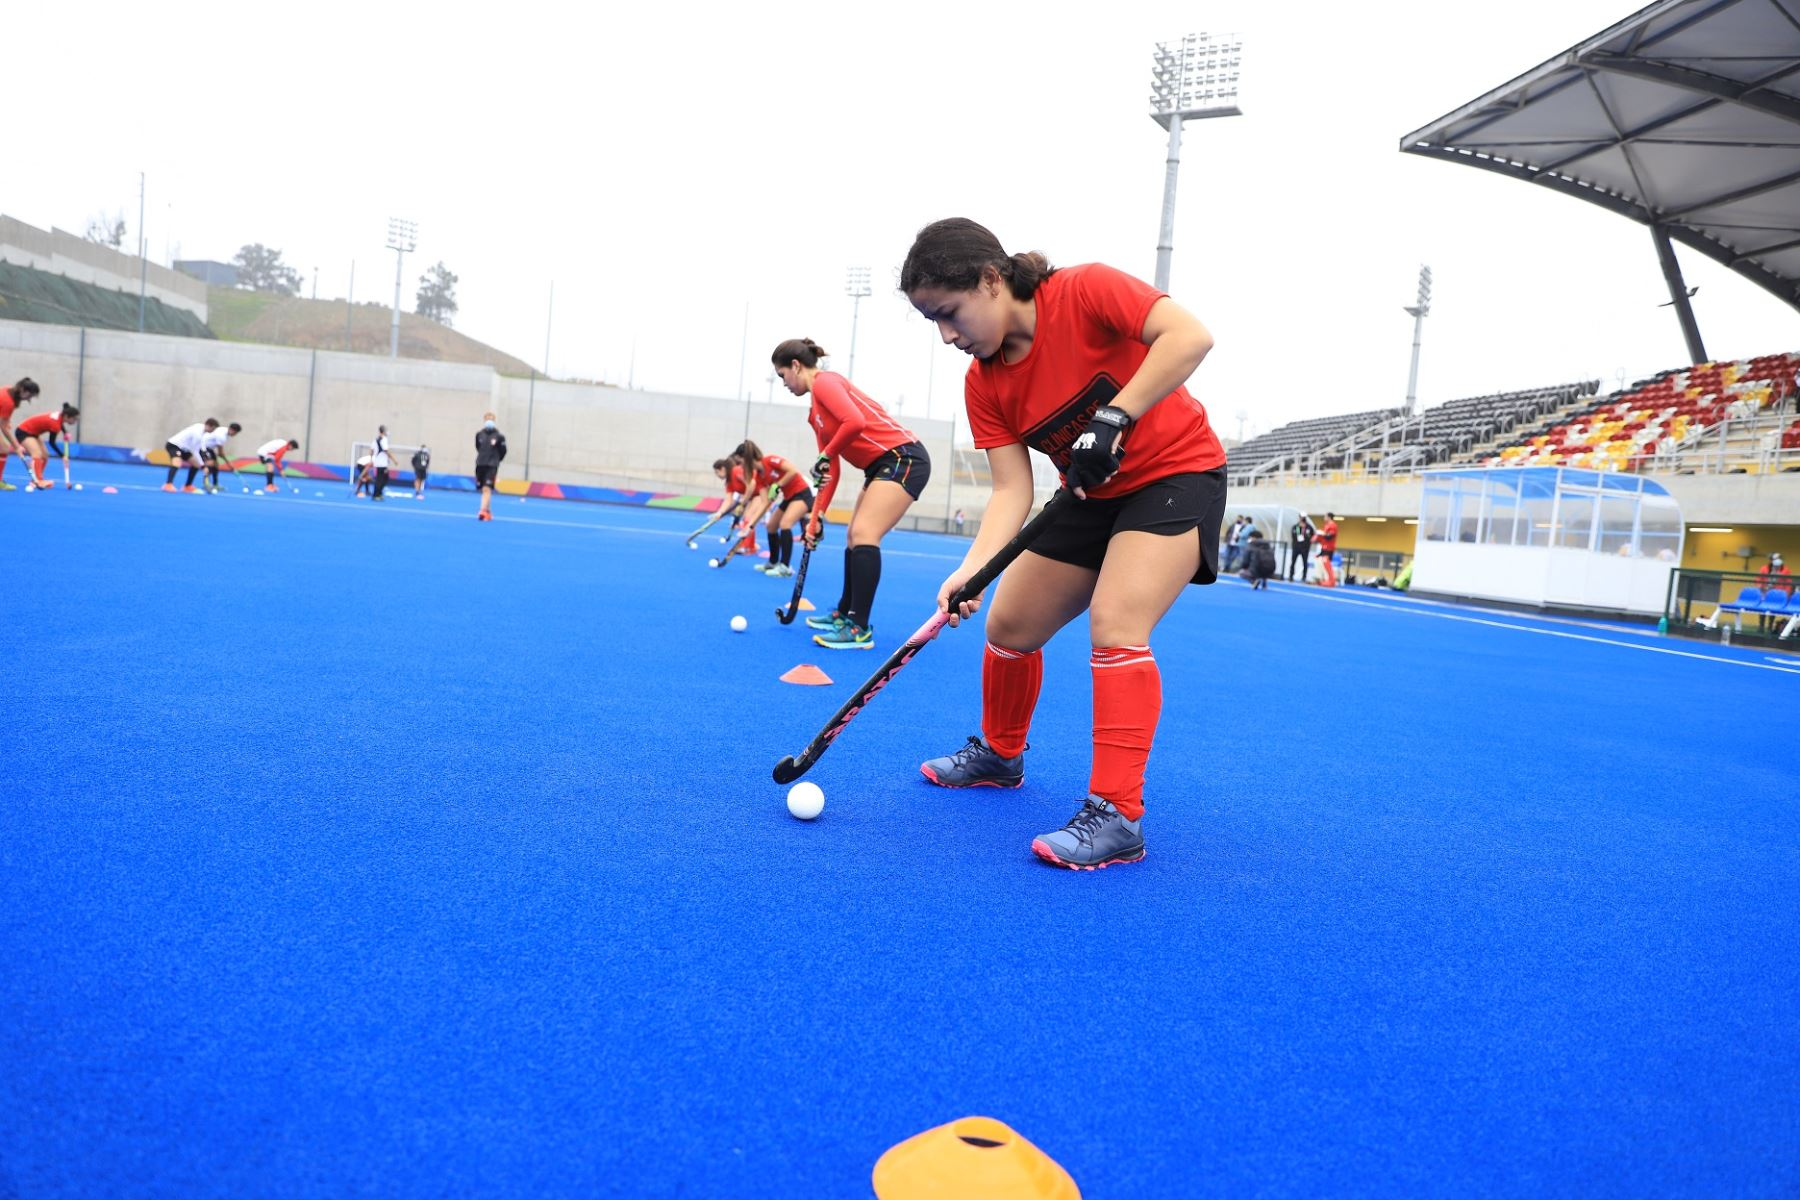 El hockey peruano está de vuelta con la tarea de elevar su nivel y masificarse | Noticias